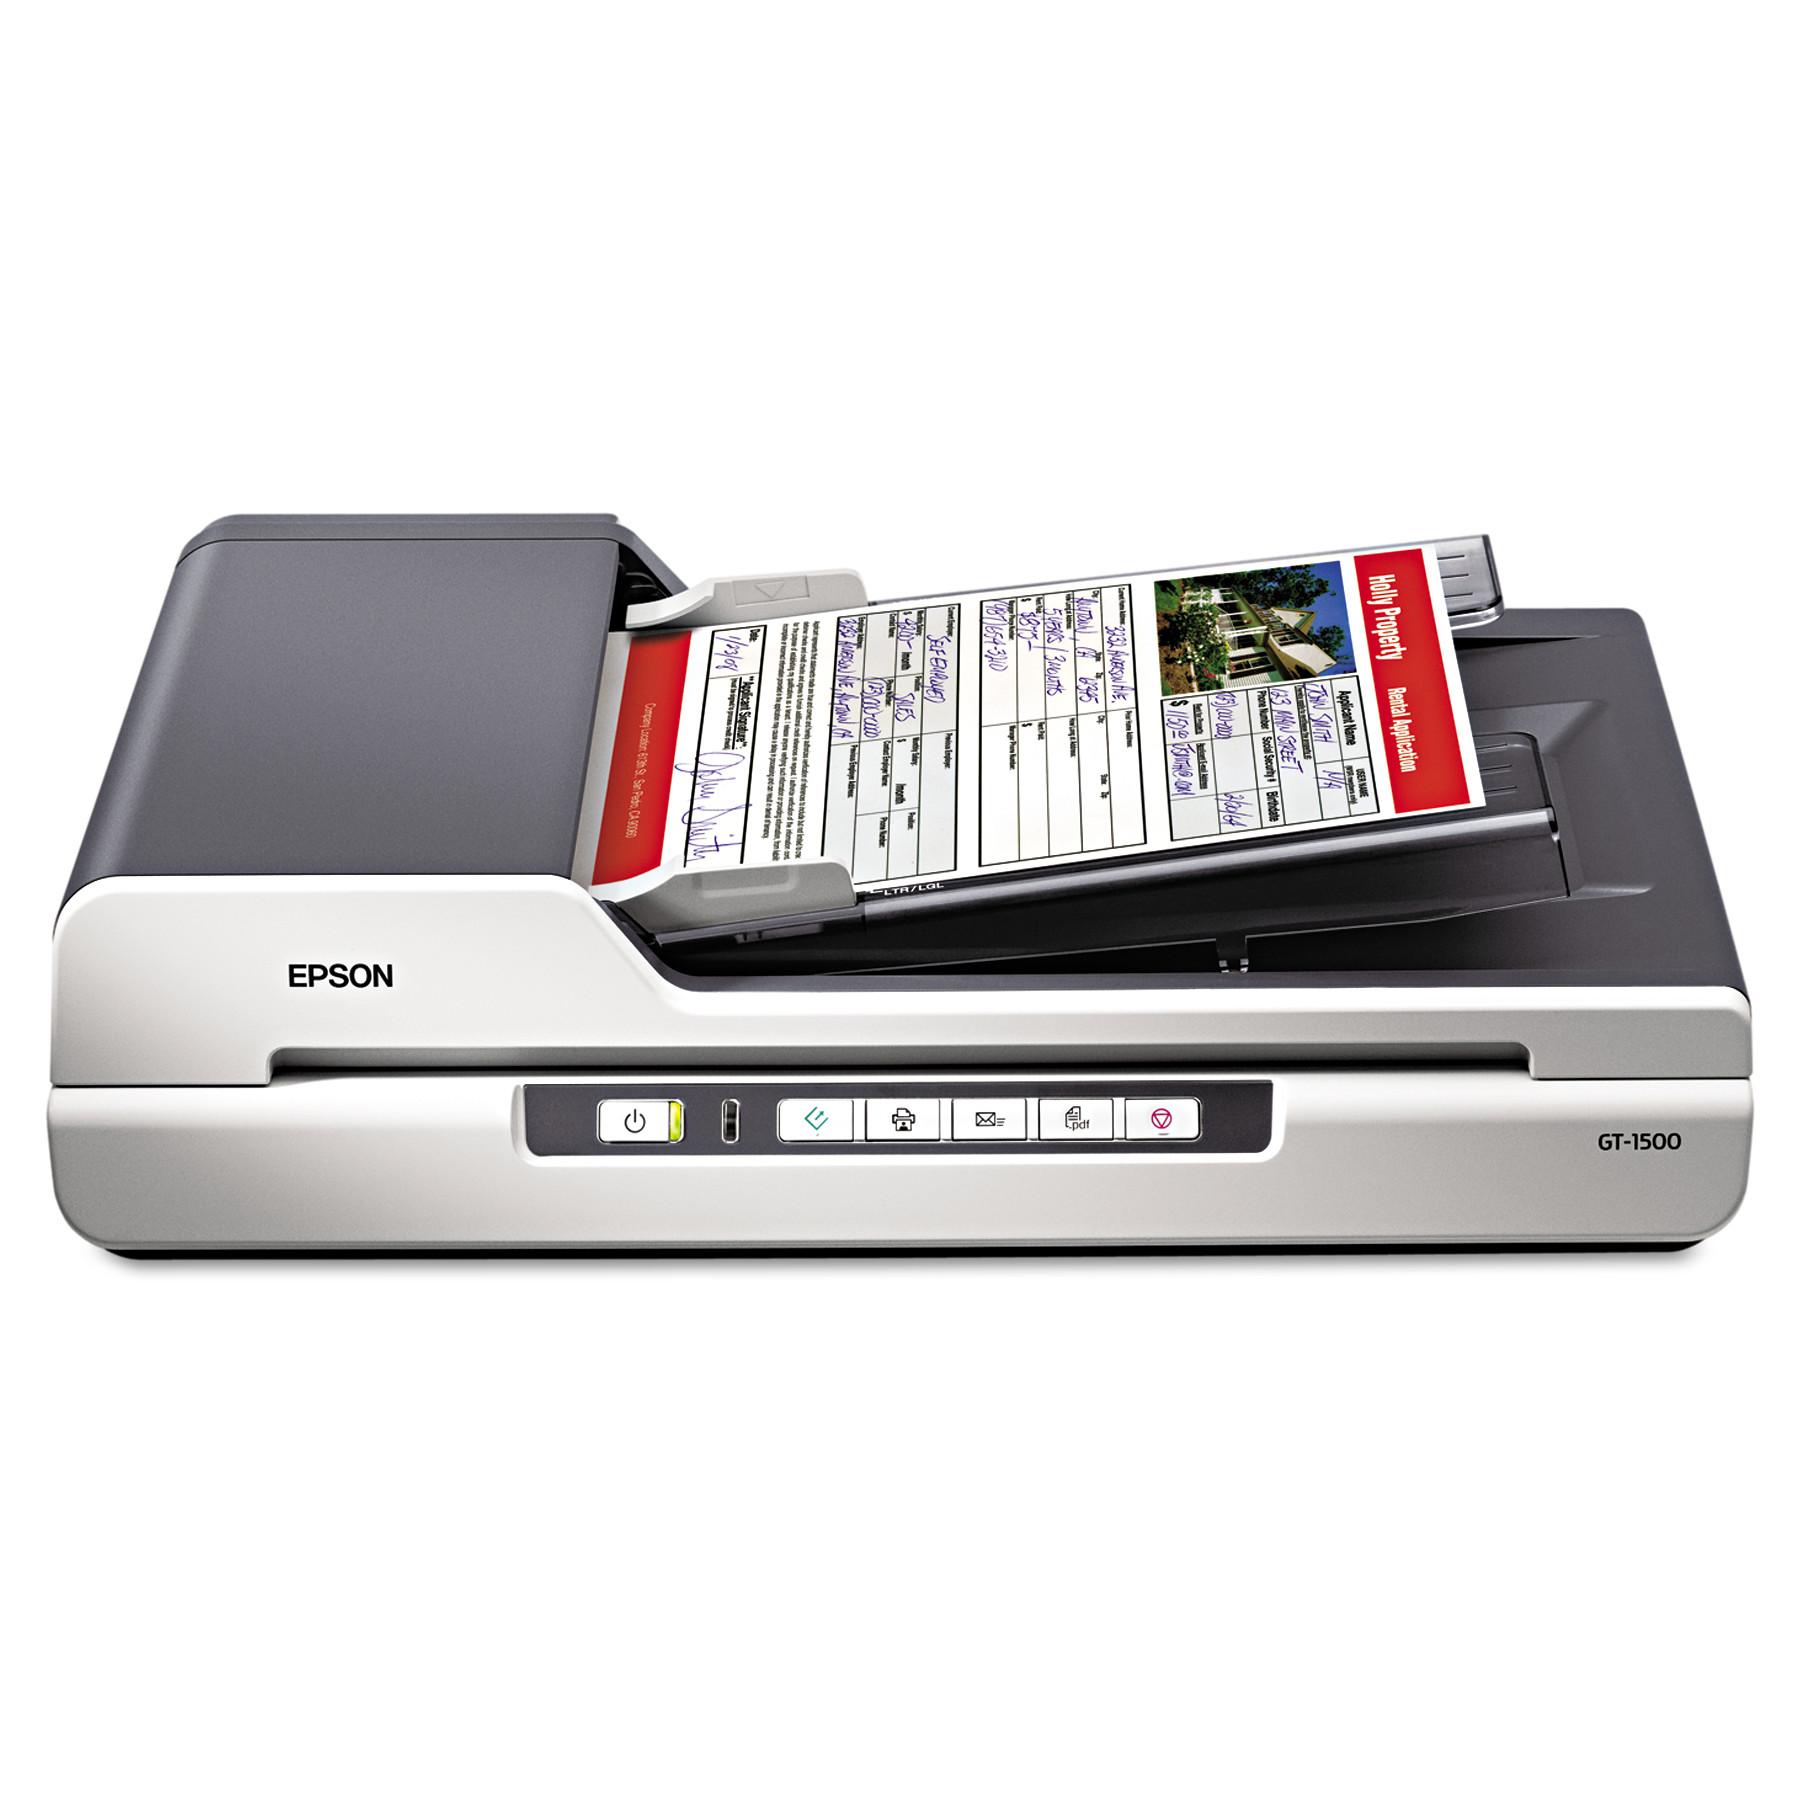 Epson GT-1500 Flatbed Color Image Scanner, 600dpi, Manual...